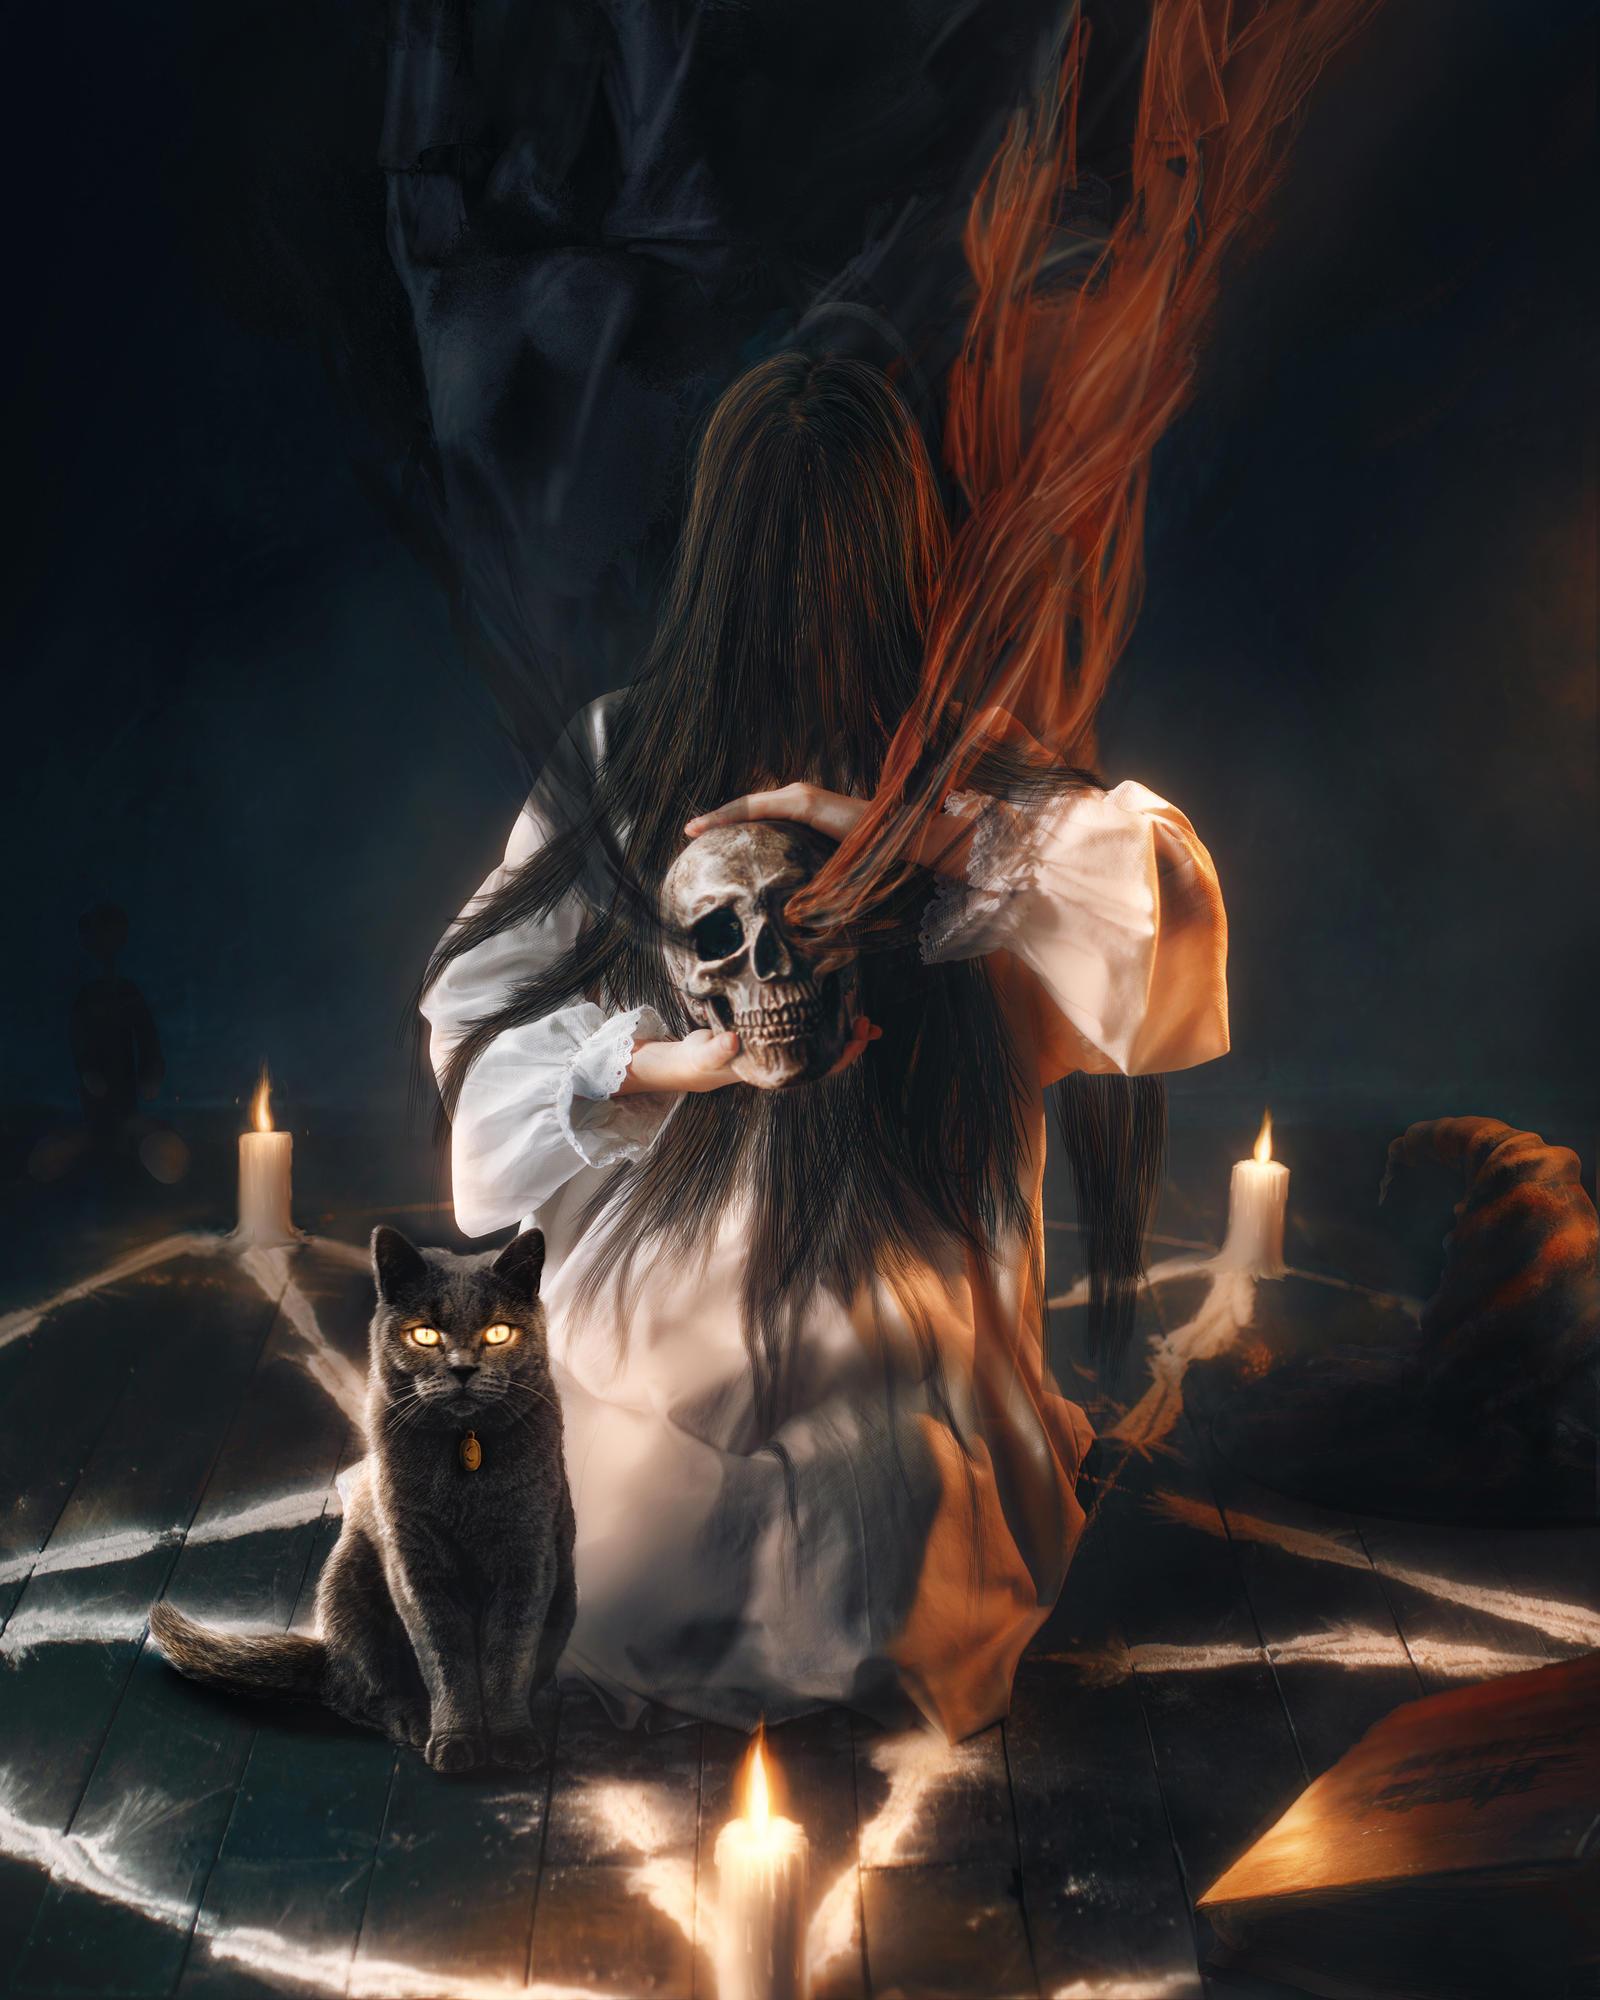 Witchcrafery